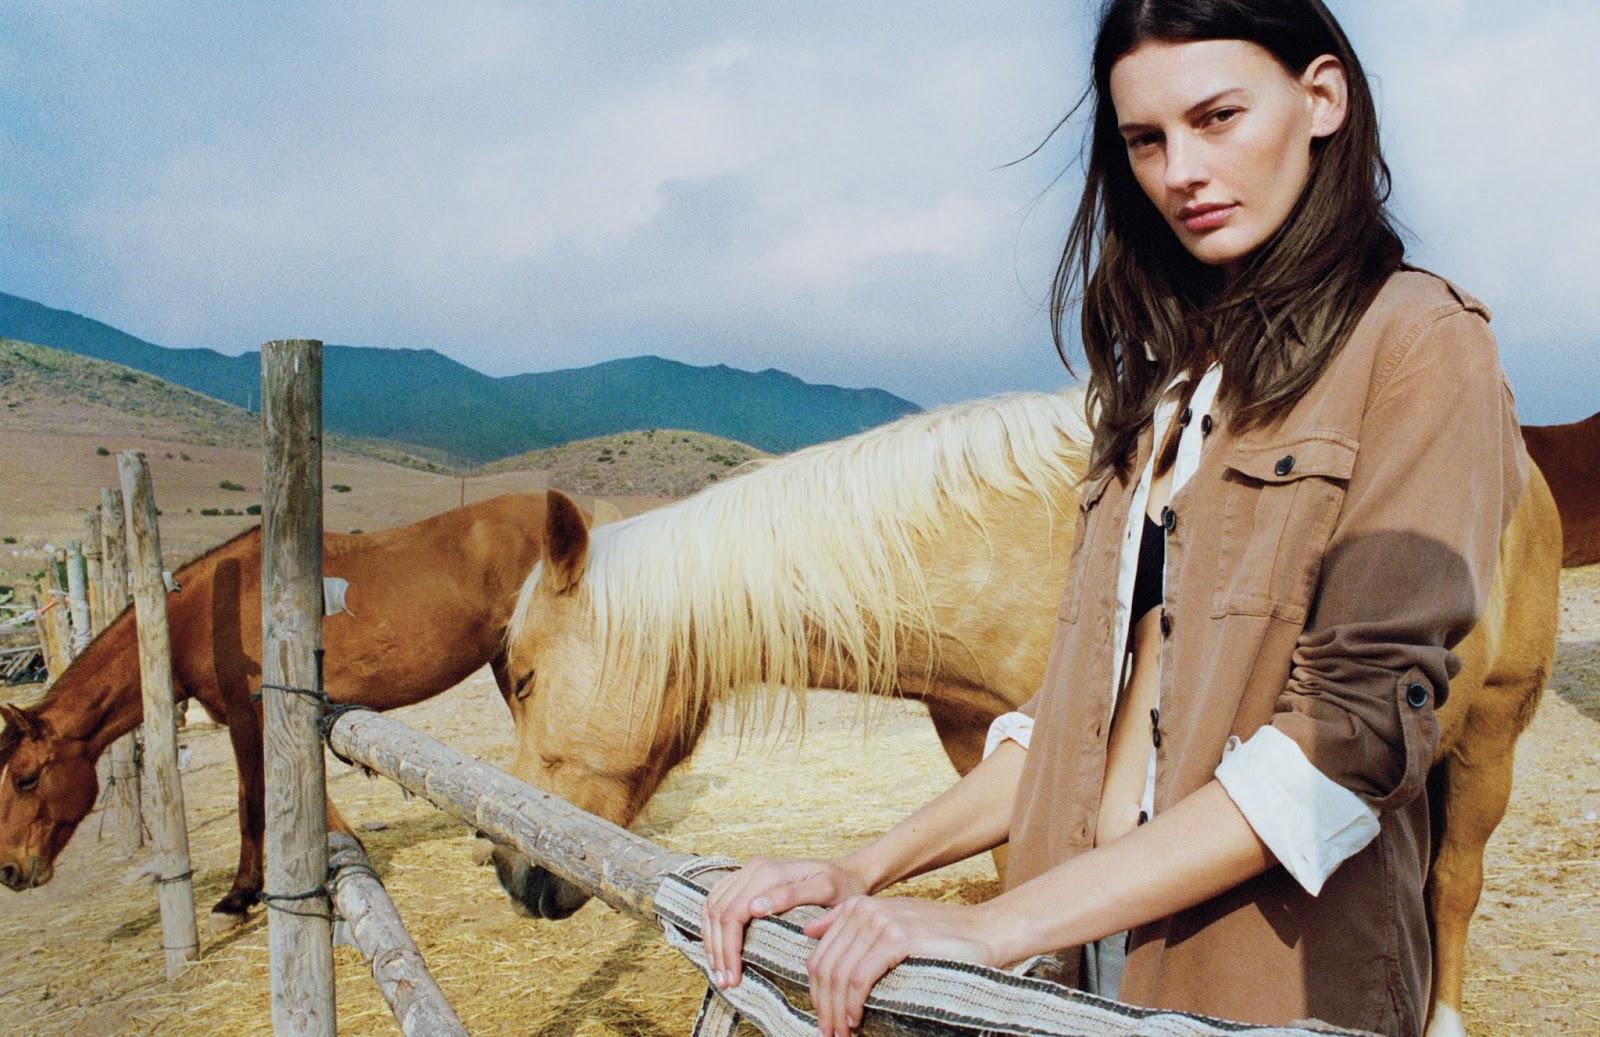 www.pegasebuzz.com | Amanda Murphy by Quentin de Briey for Vogue UK, may 2016